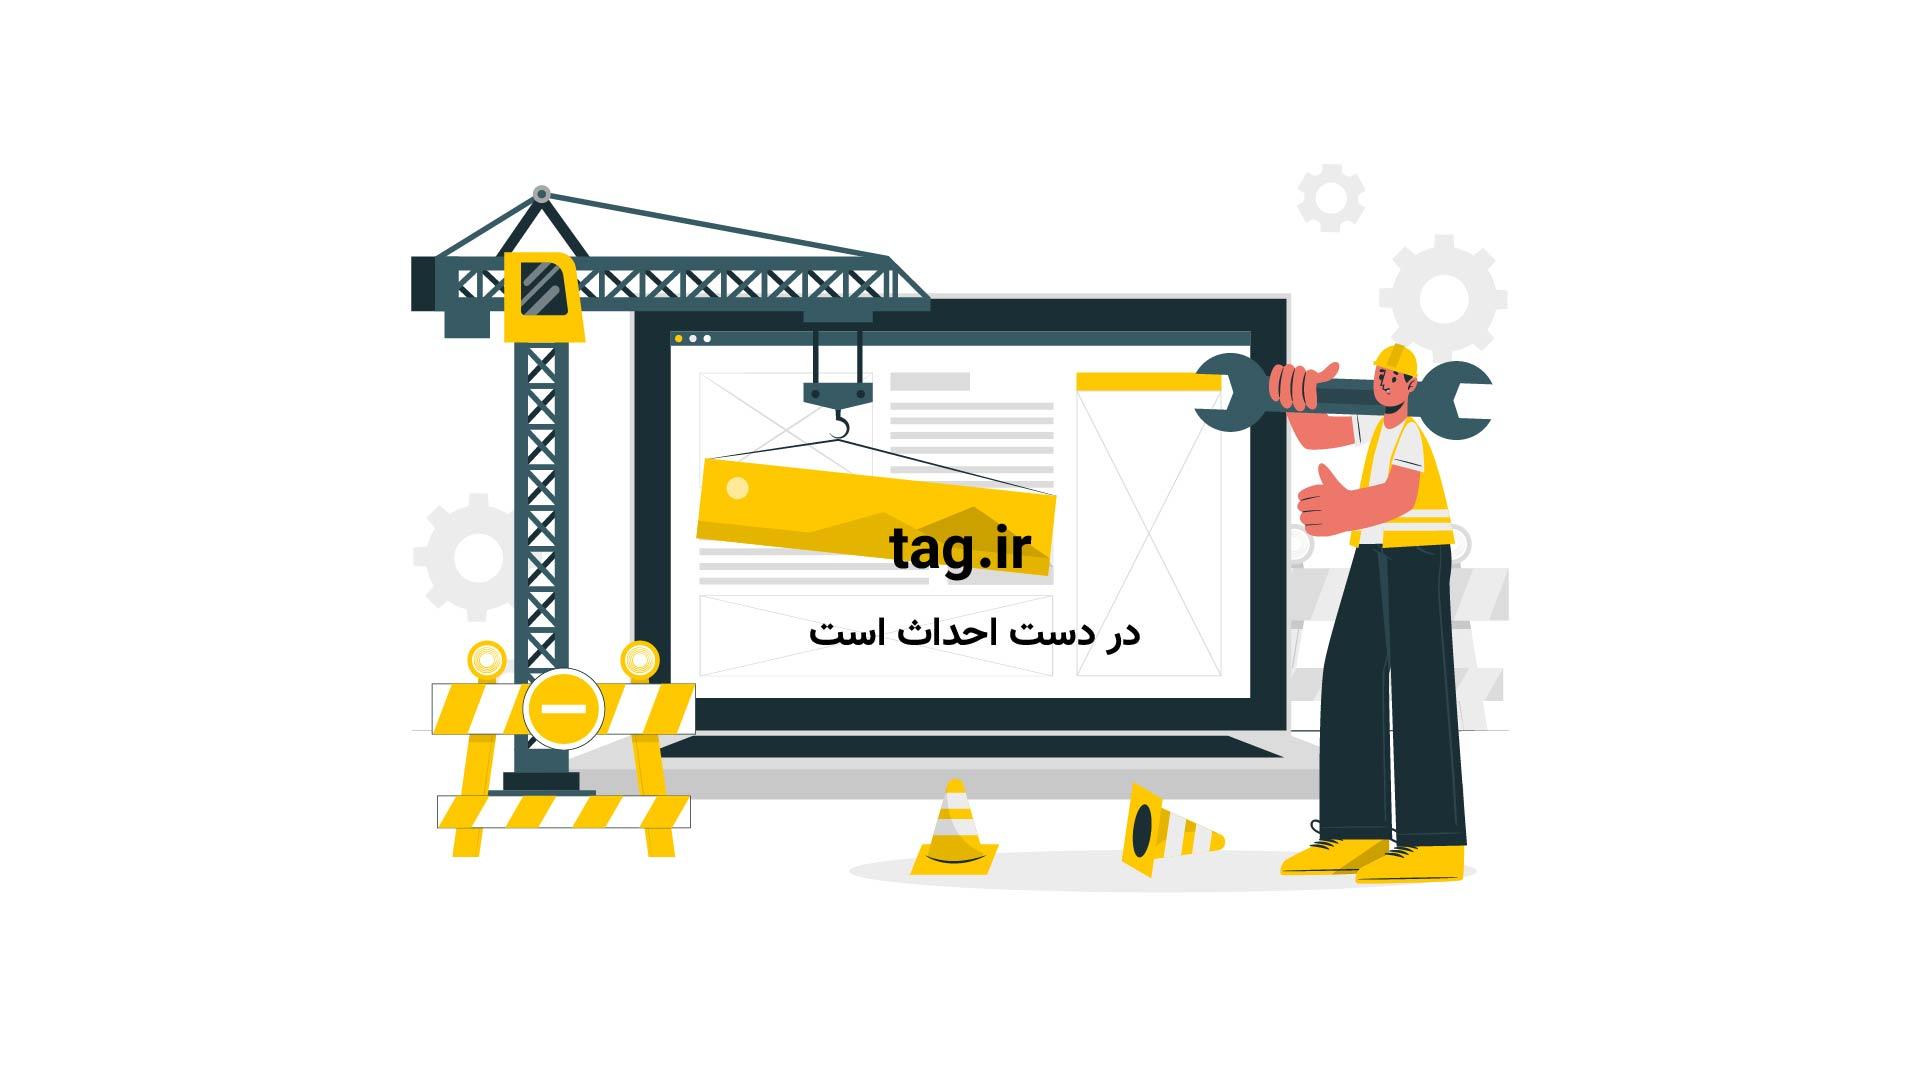 عناوین روزنامه های اقتصادی شنبه 27 خرداد   فیلم